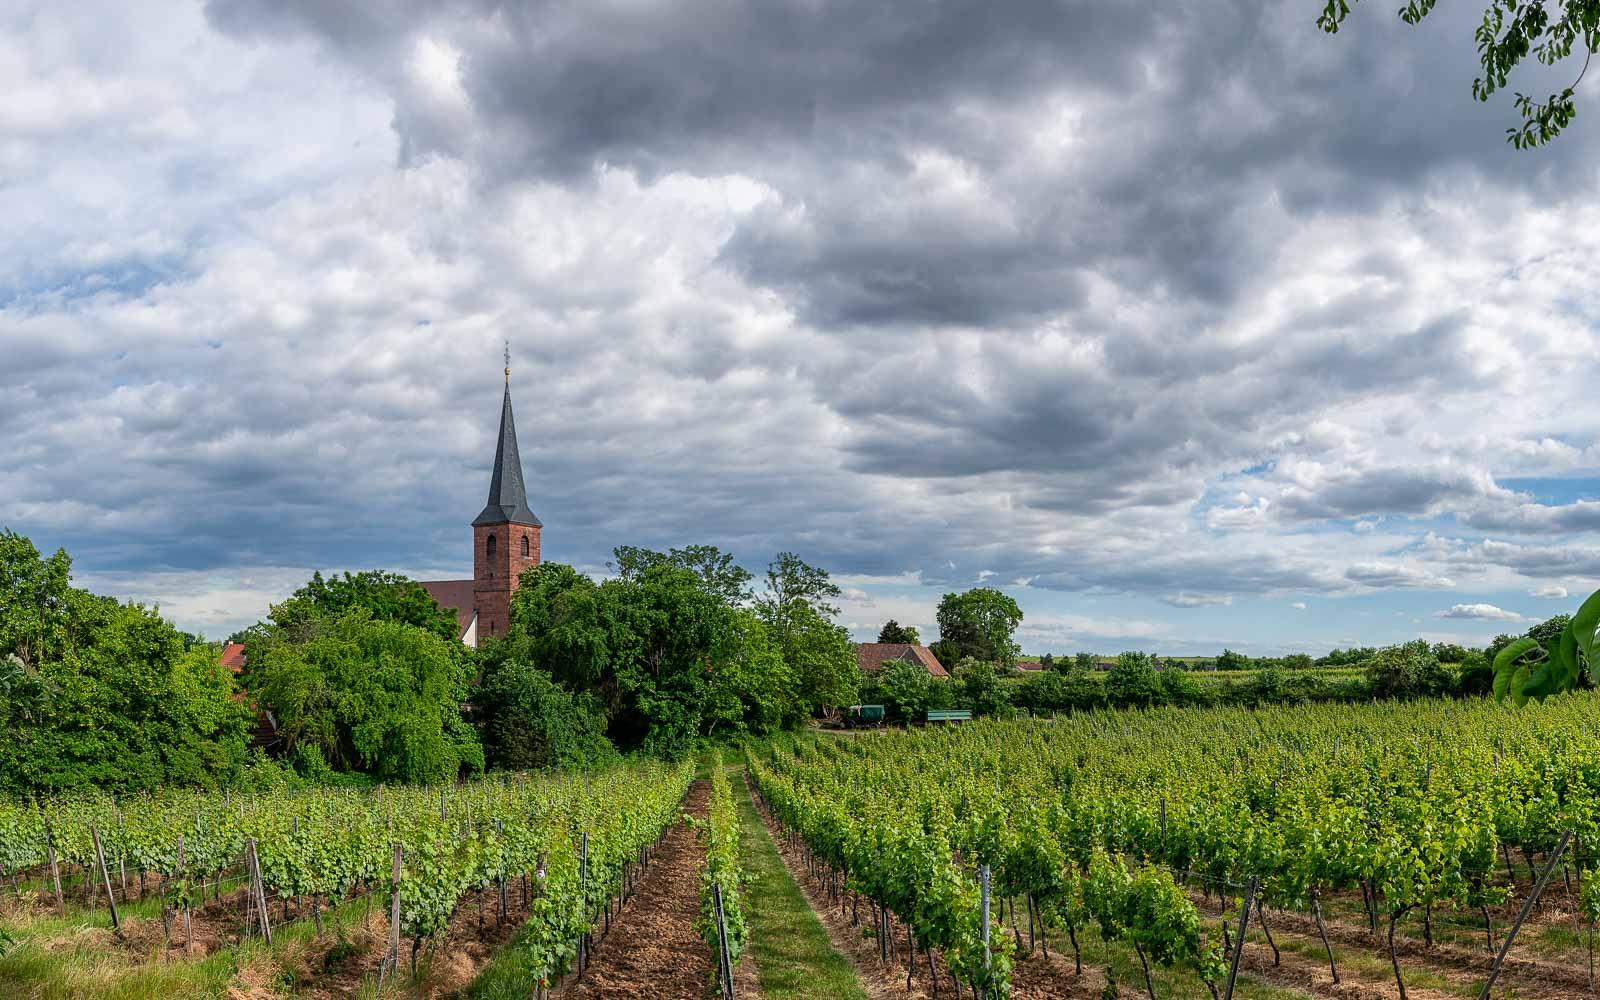 Weinberg Forster Kirchenstück, Bäume, Kirche und bewölkter Himmel